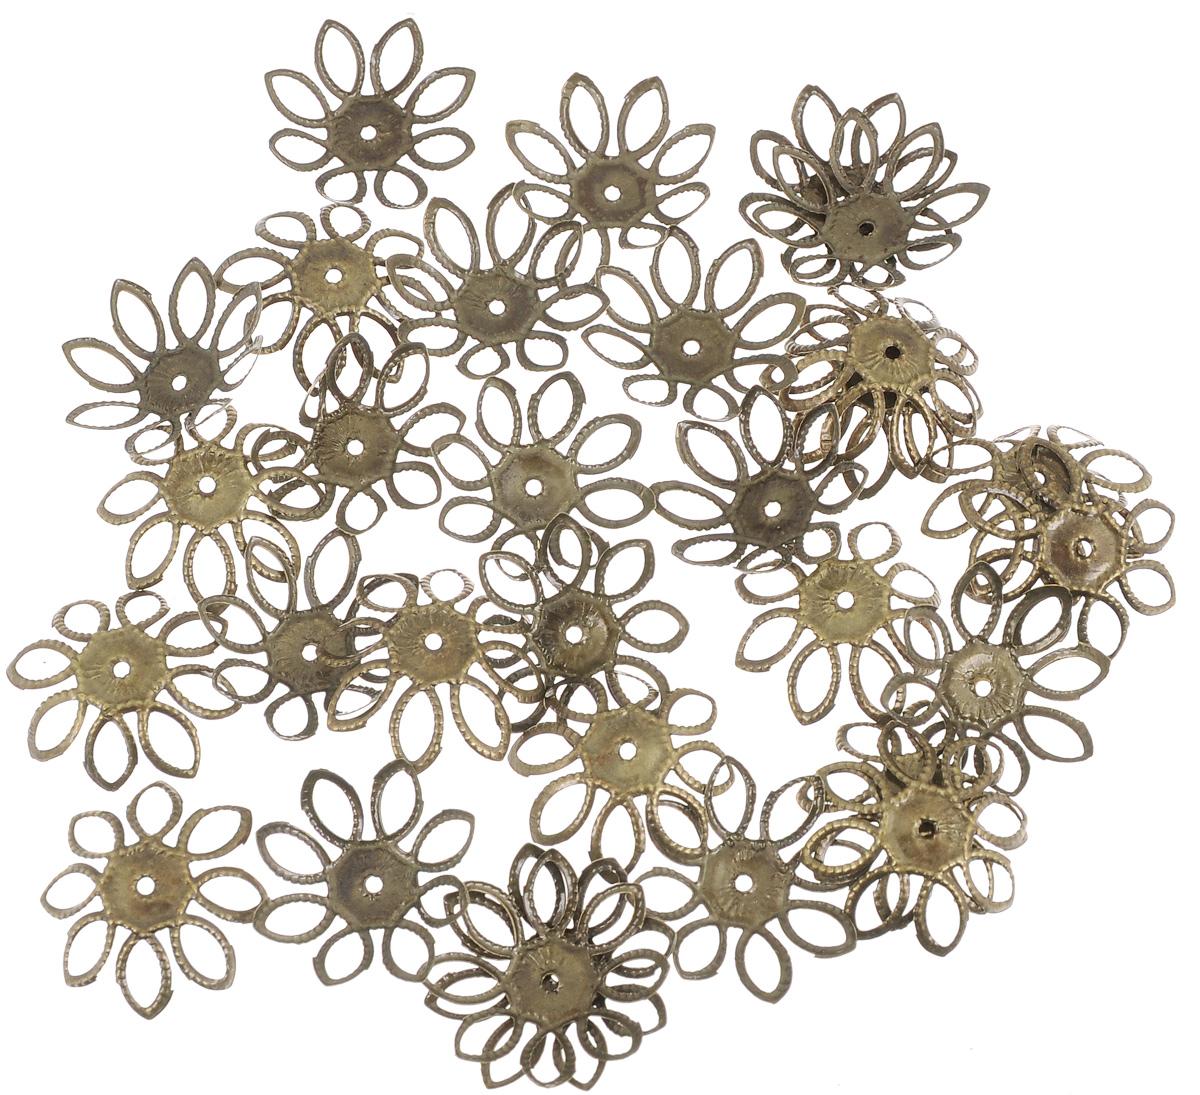 Шапочка для бусин Астра, цвет: медь, 19 х 5 мм, 30 шт. 77057077705707_медьНабор Астра, изготовленный из металла, состоит из 30 шапочек для бусин в виде цветов. Набор позволит вам своими руками создать оригинальные ожерелья, бусы или браслеты. Шапочки обрамляют бусины и придают законченный красивый вид изделию. Их можно крепить как с одной, так и с обеих сторон бусины. Это прекрасная фурнитура для создания бижутерии. Изготовление украшений - занимательное хобби и реализация творческих способностей рукодельницы, это возможность создания неповторимого индивидуального подарка.